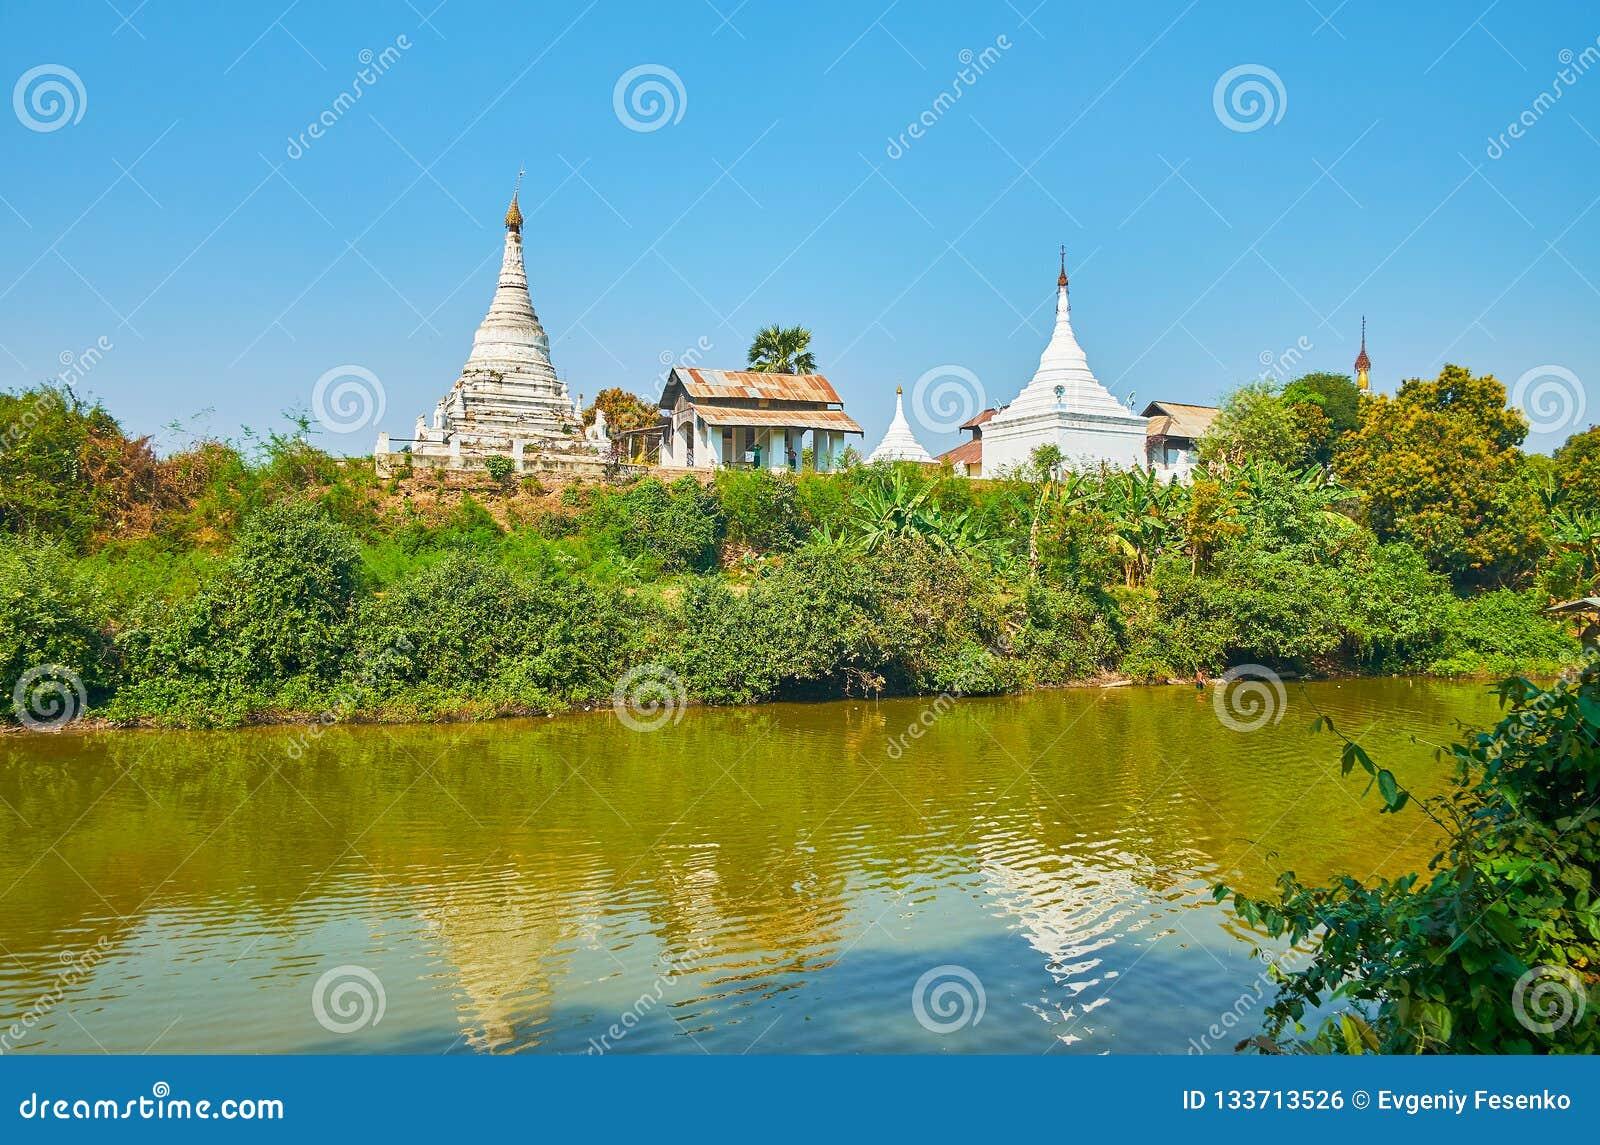 Los stupas antiguos del monasterio budista, Ava